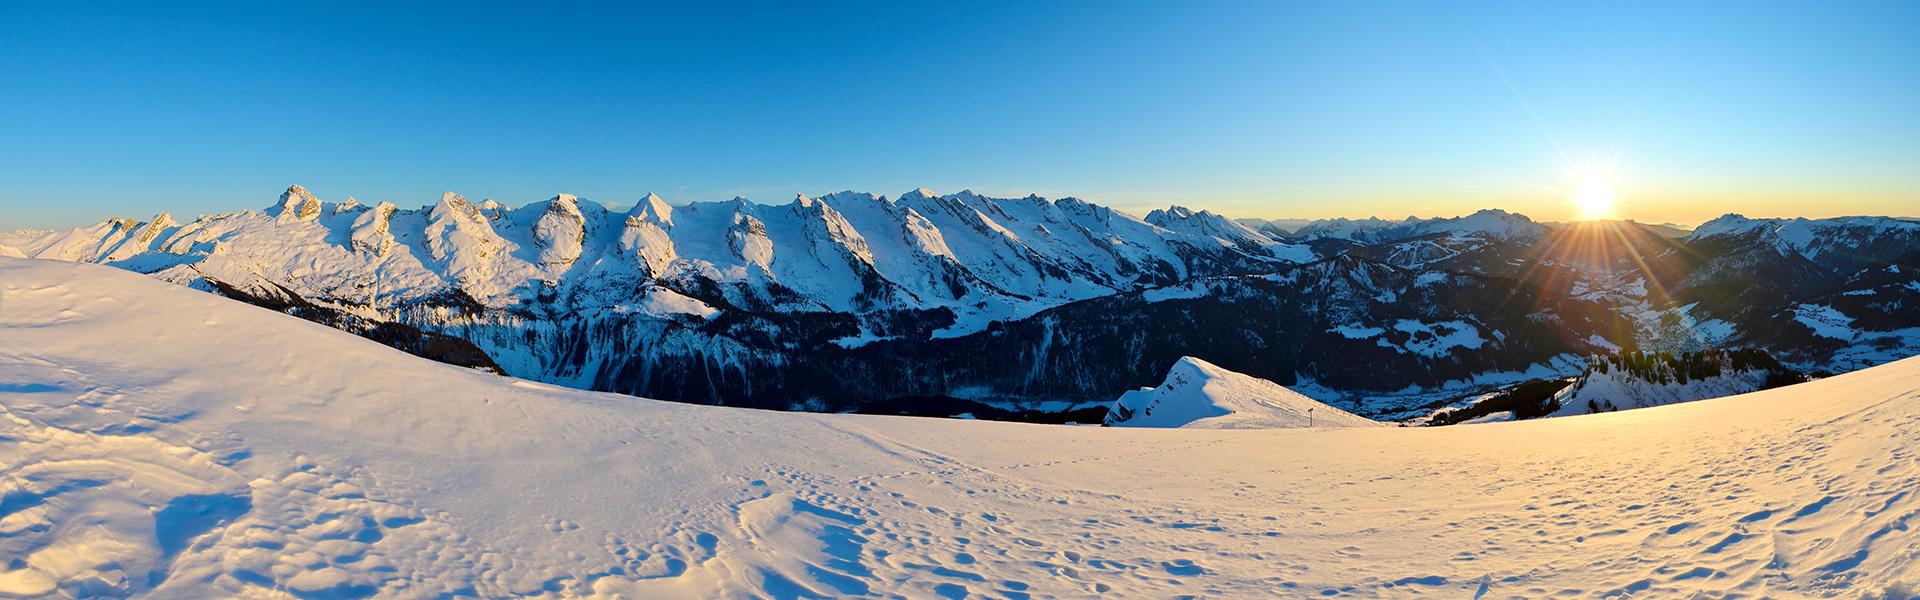 coucher-soleil-chaine-aravis-145941